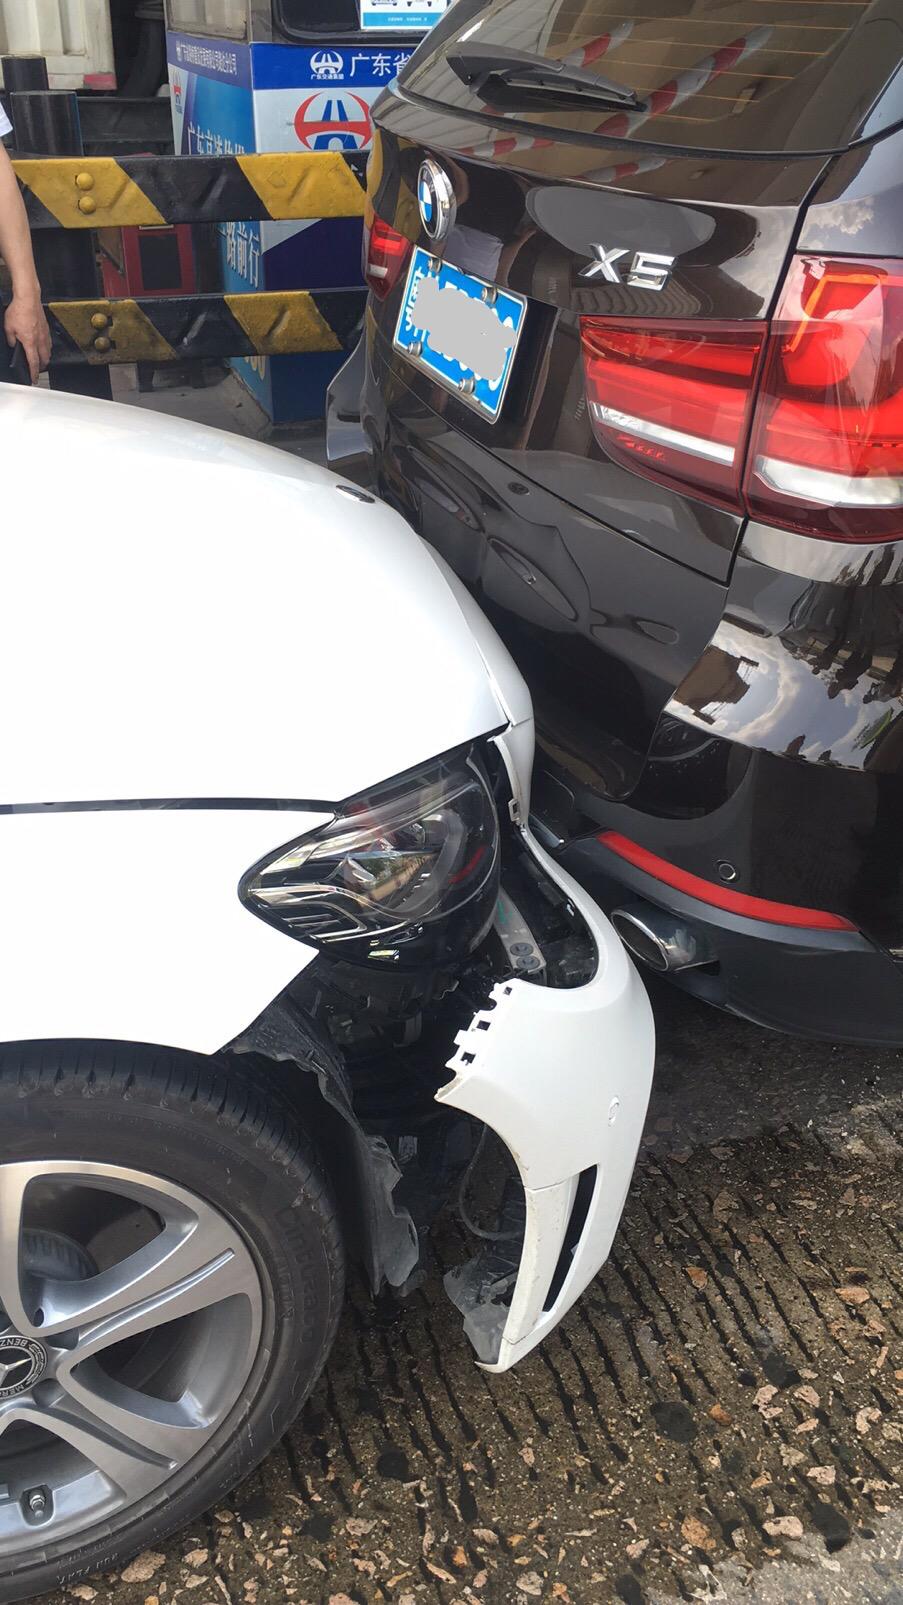 奔驰-奔驰C级 再次出现刹车失灵事故,关乎大家生命危险